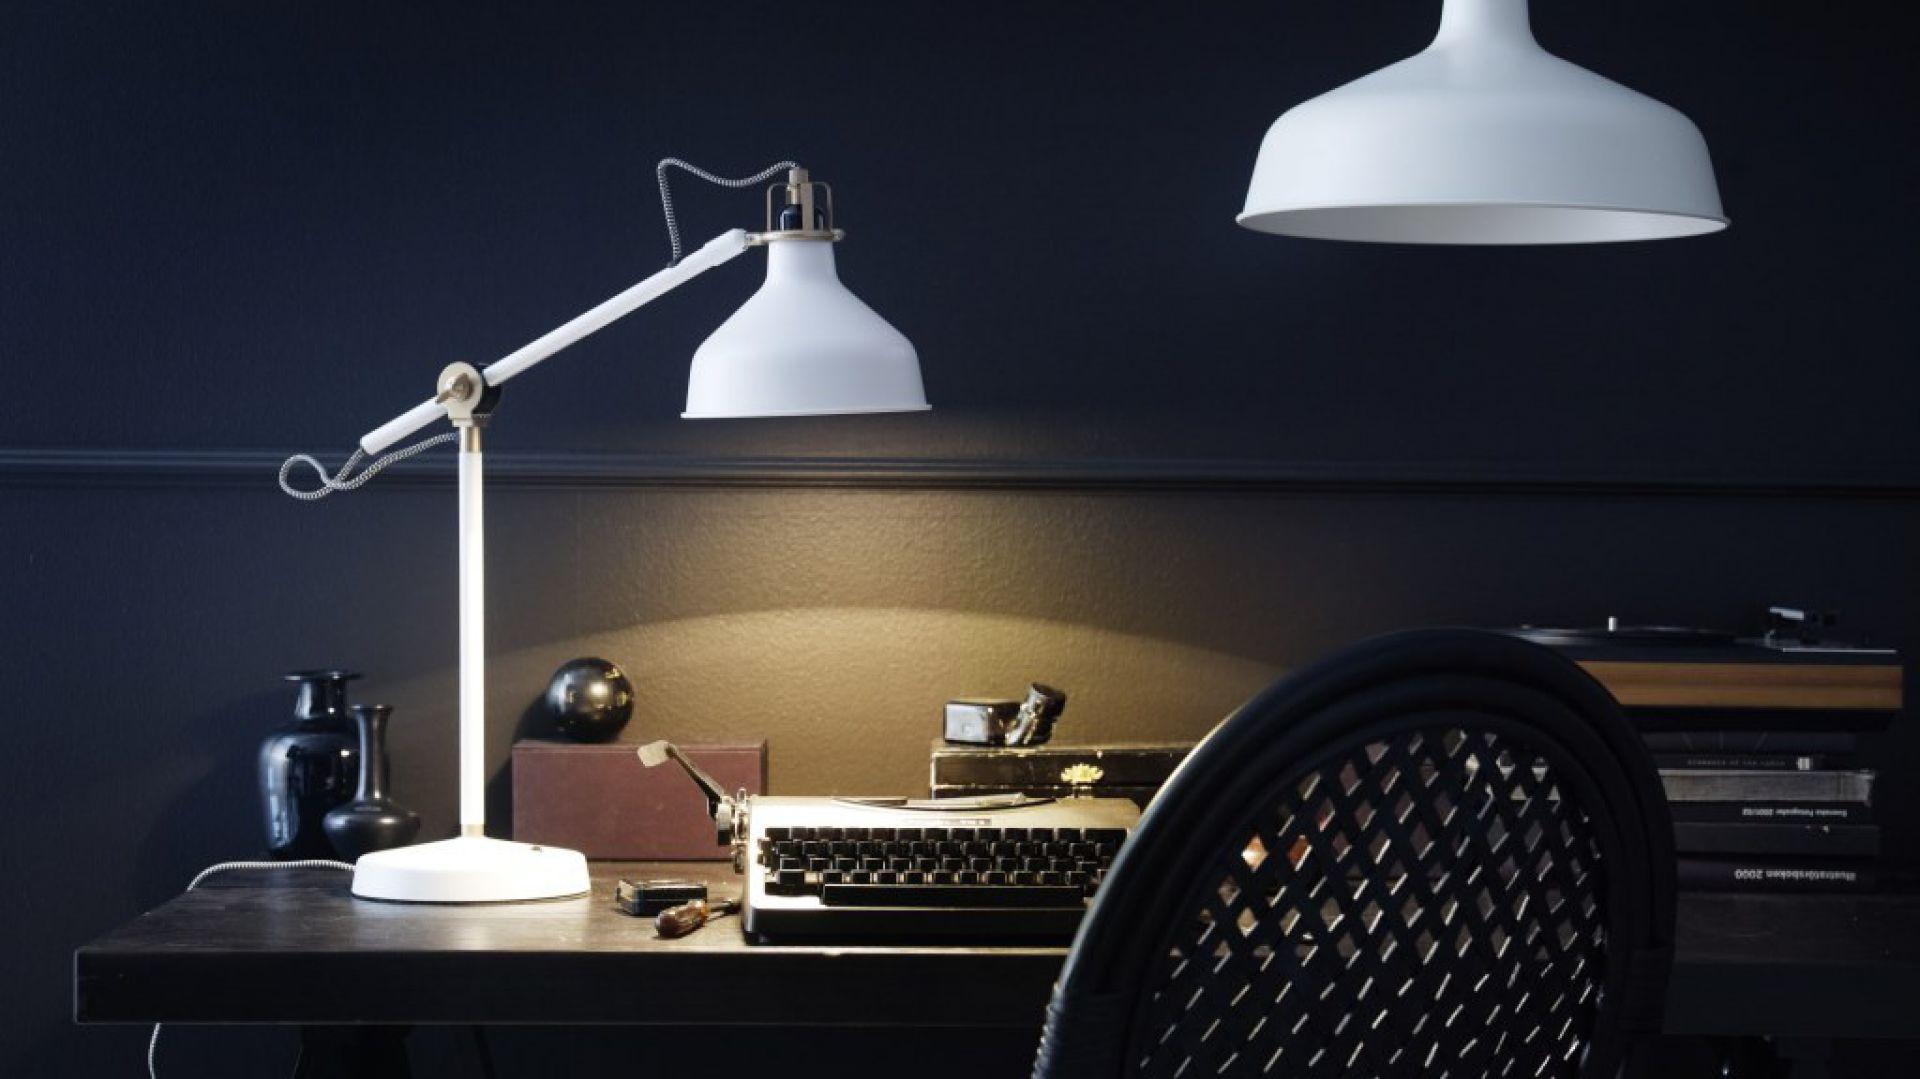 Biała lampa Ranarp. Fot. Ikea.